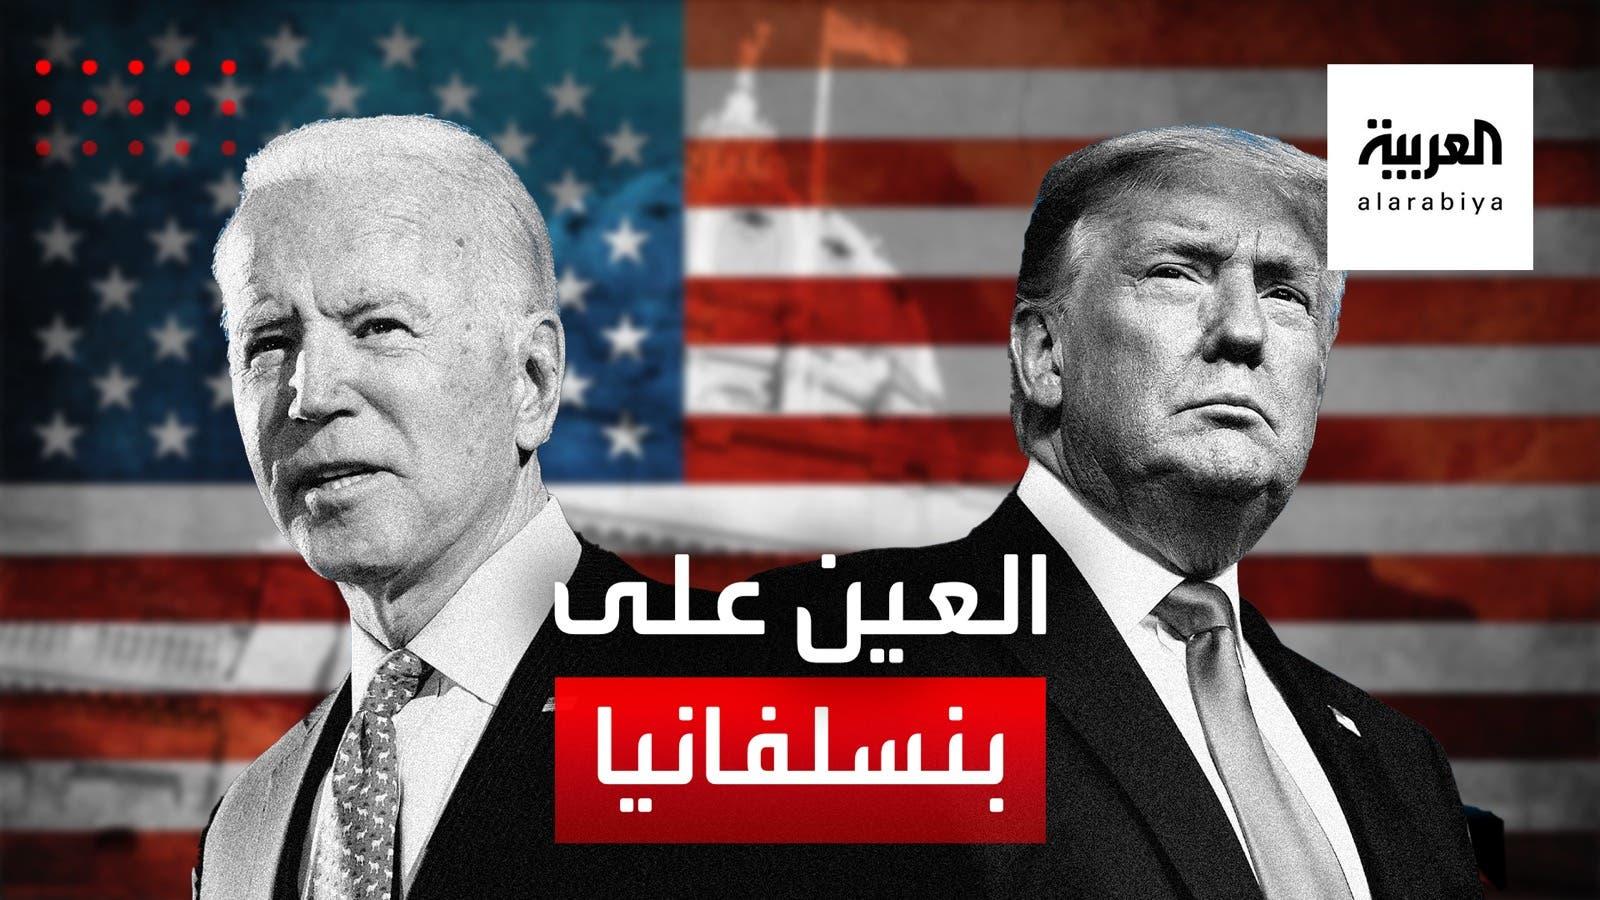 بنسلفانيا.. حلبة تحسم سباق الرئاسة؟